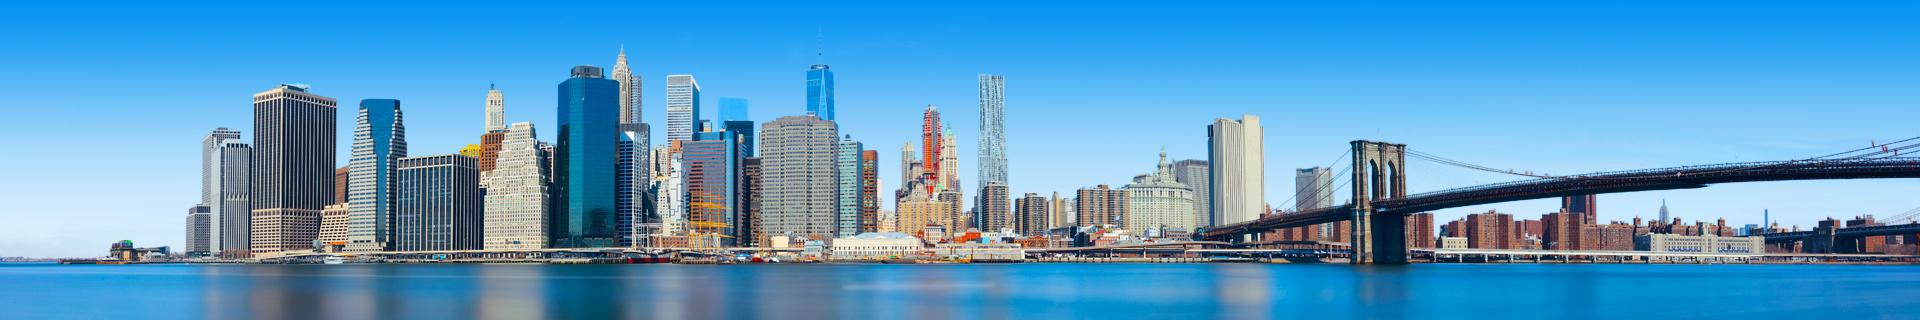 Skyline met hoge gebouwen in de Verenigde Staten